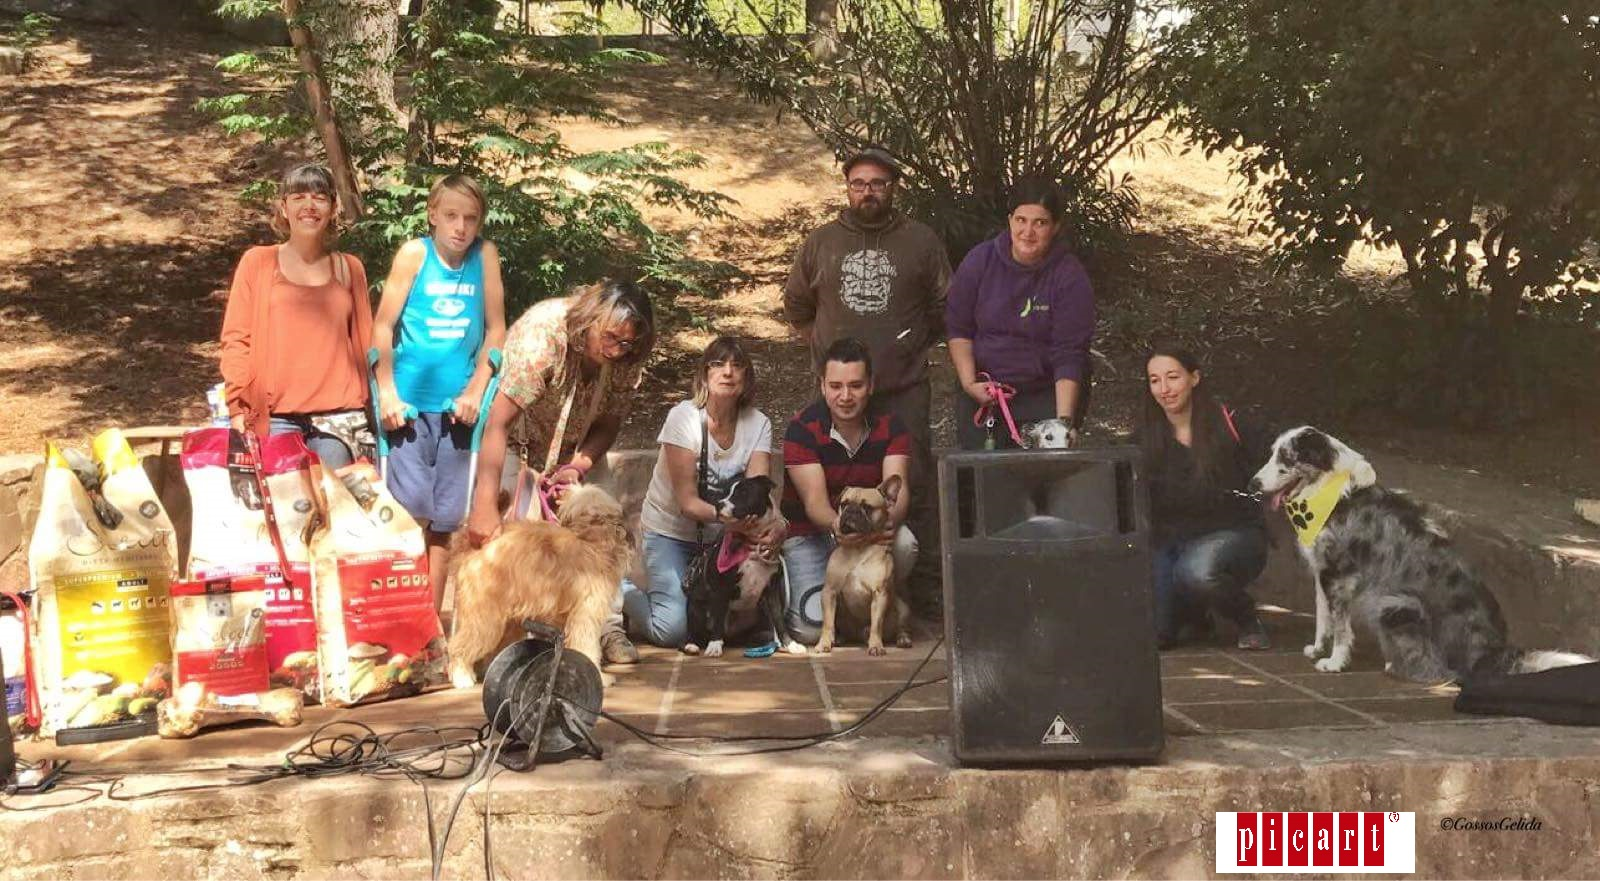 Picart Petcare En La Feria De Animales De Gelida 2017